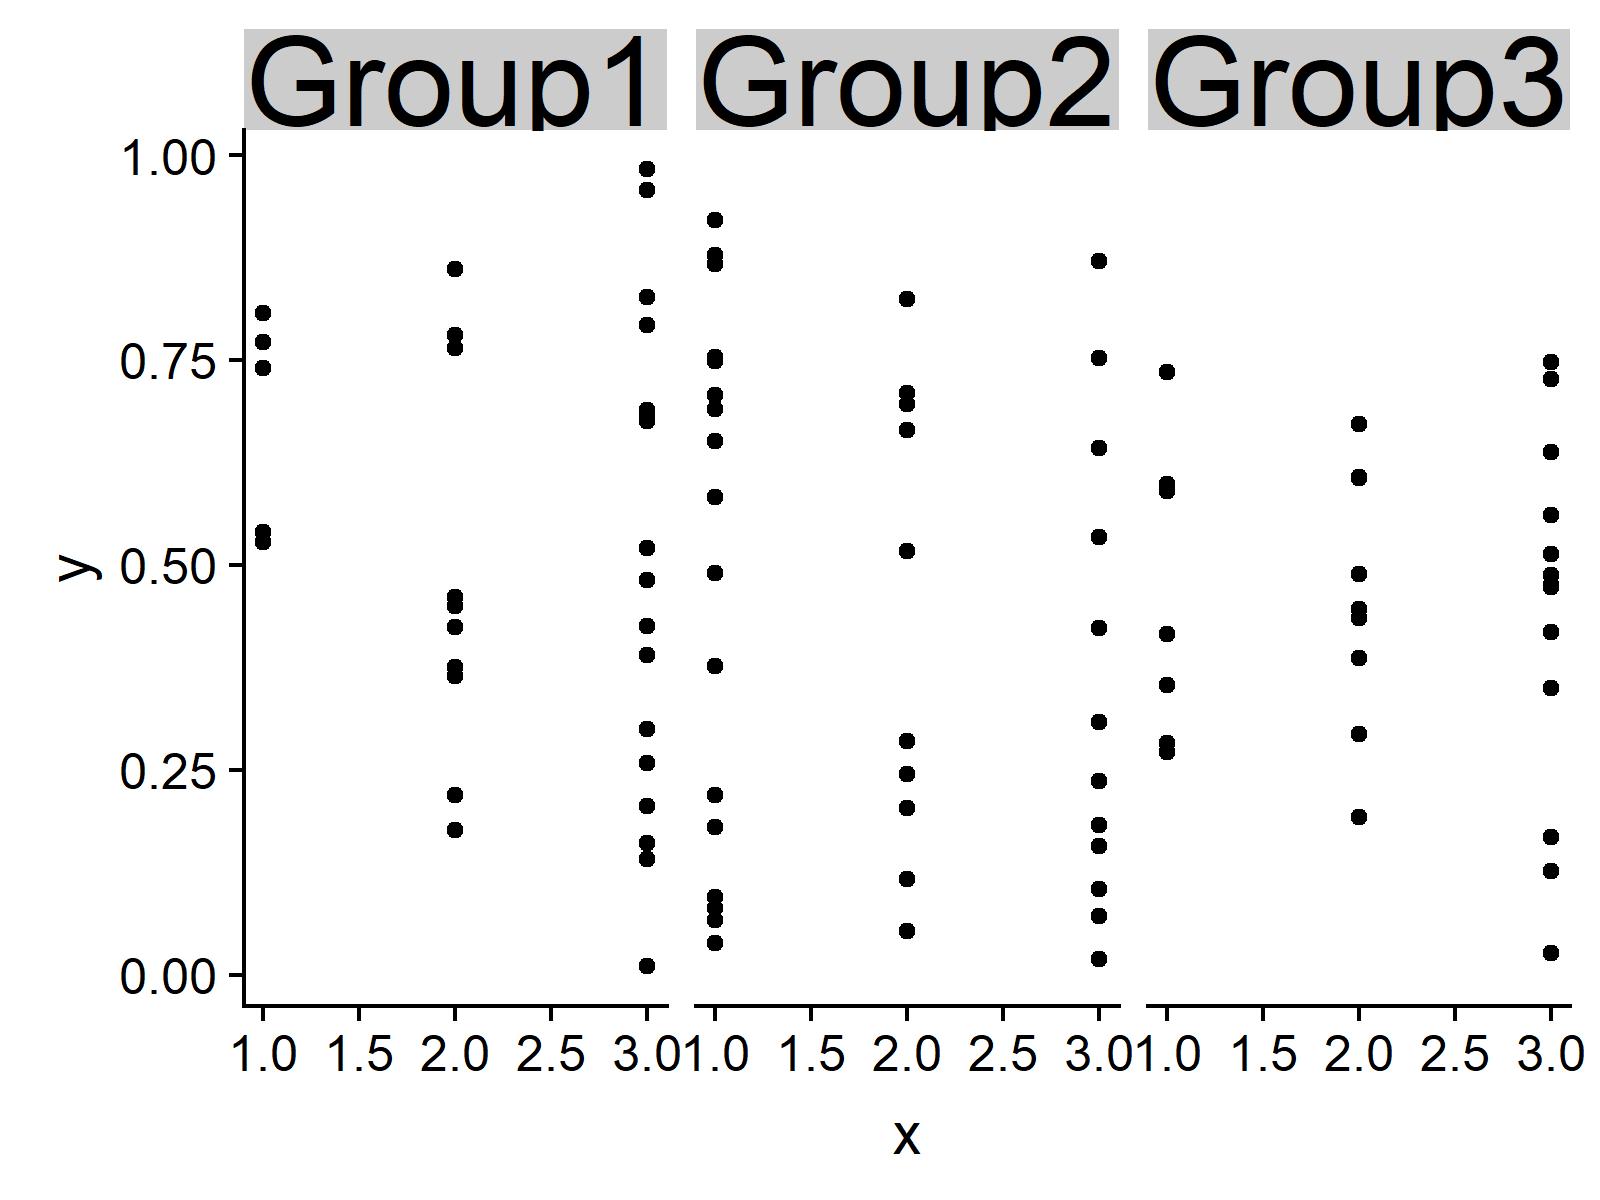 facet grid ggplot2 r font size labels